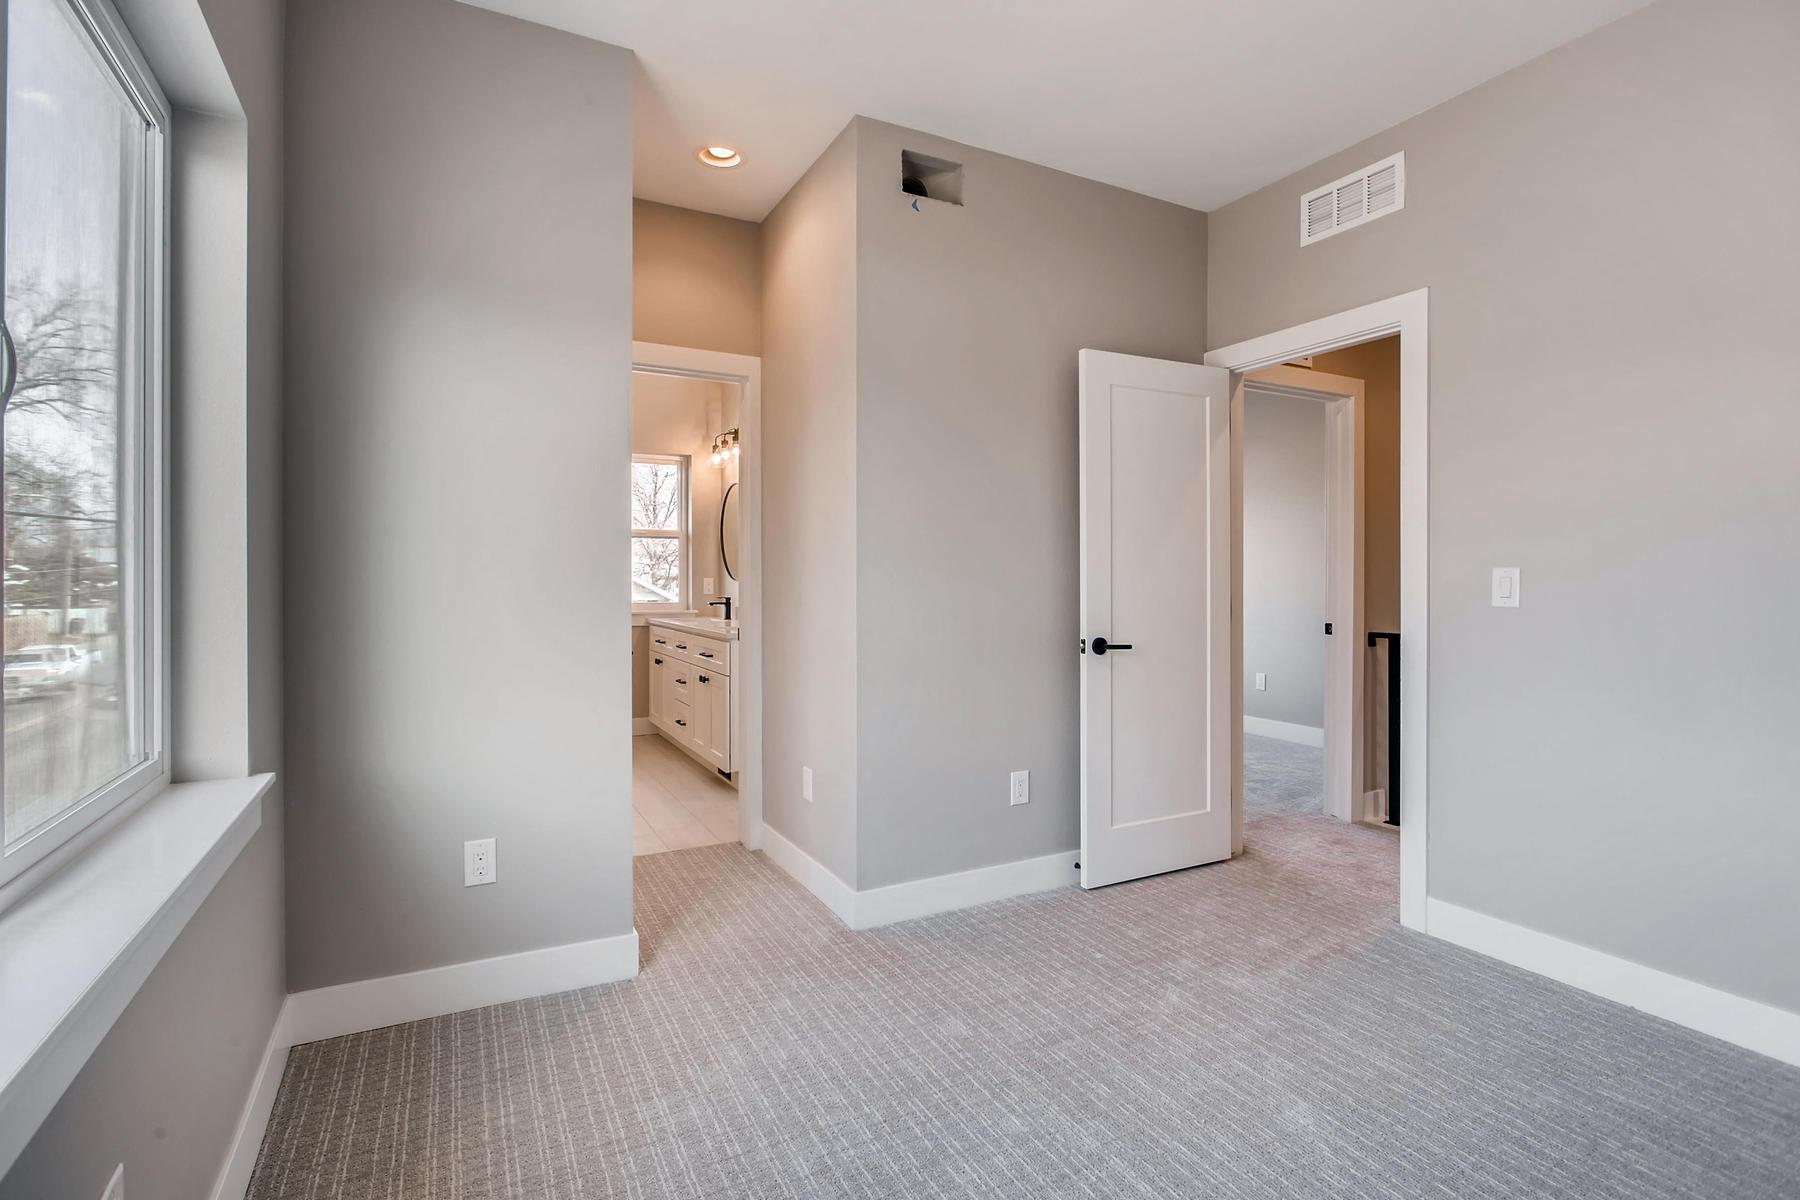 3101 S Cherokee St Englewood-023-7-2nd Floor Bedroom-MLS_Size.jpg